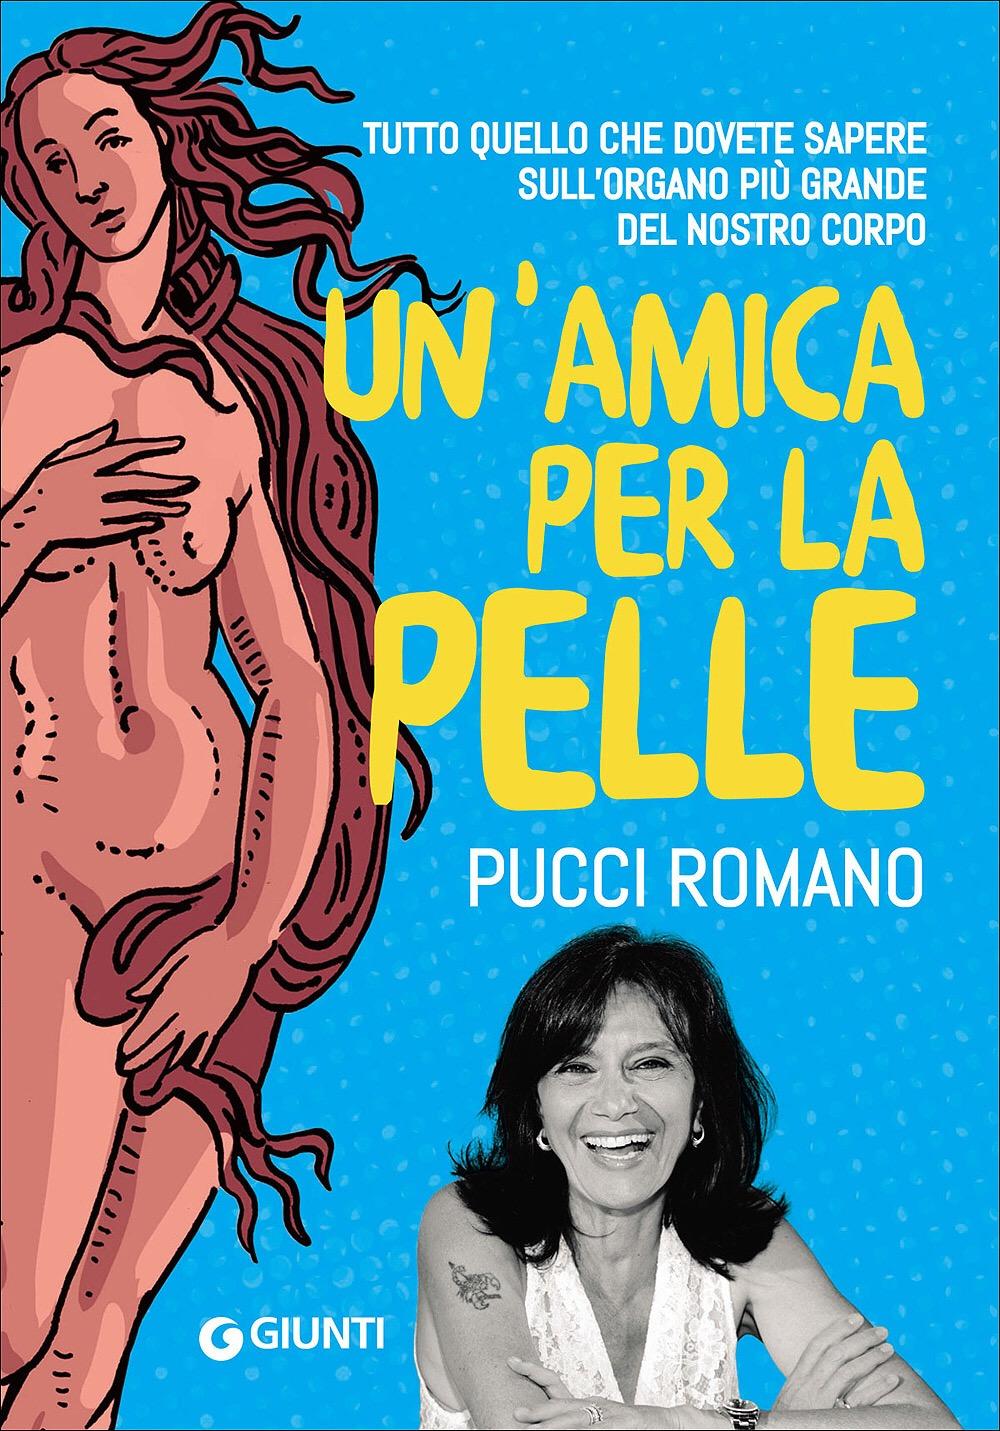 Un'amica per la pelle – Pucci Romano